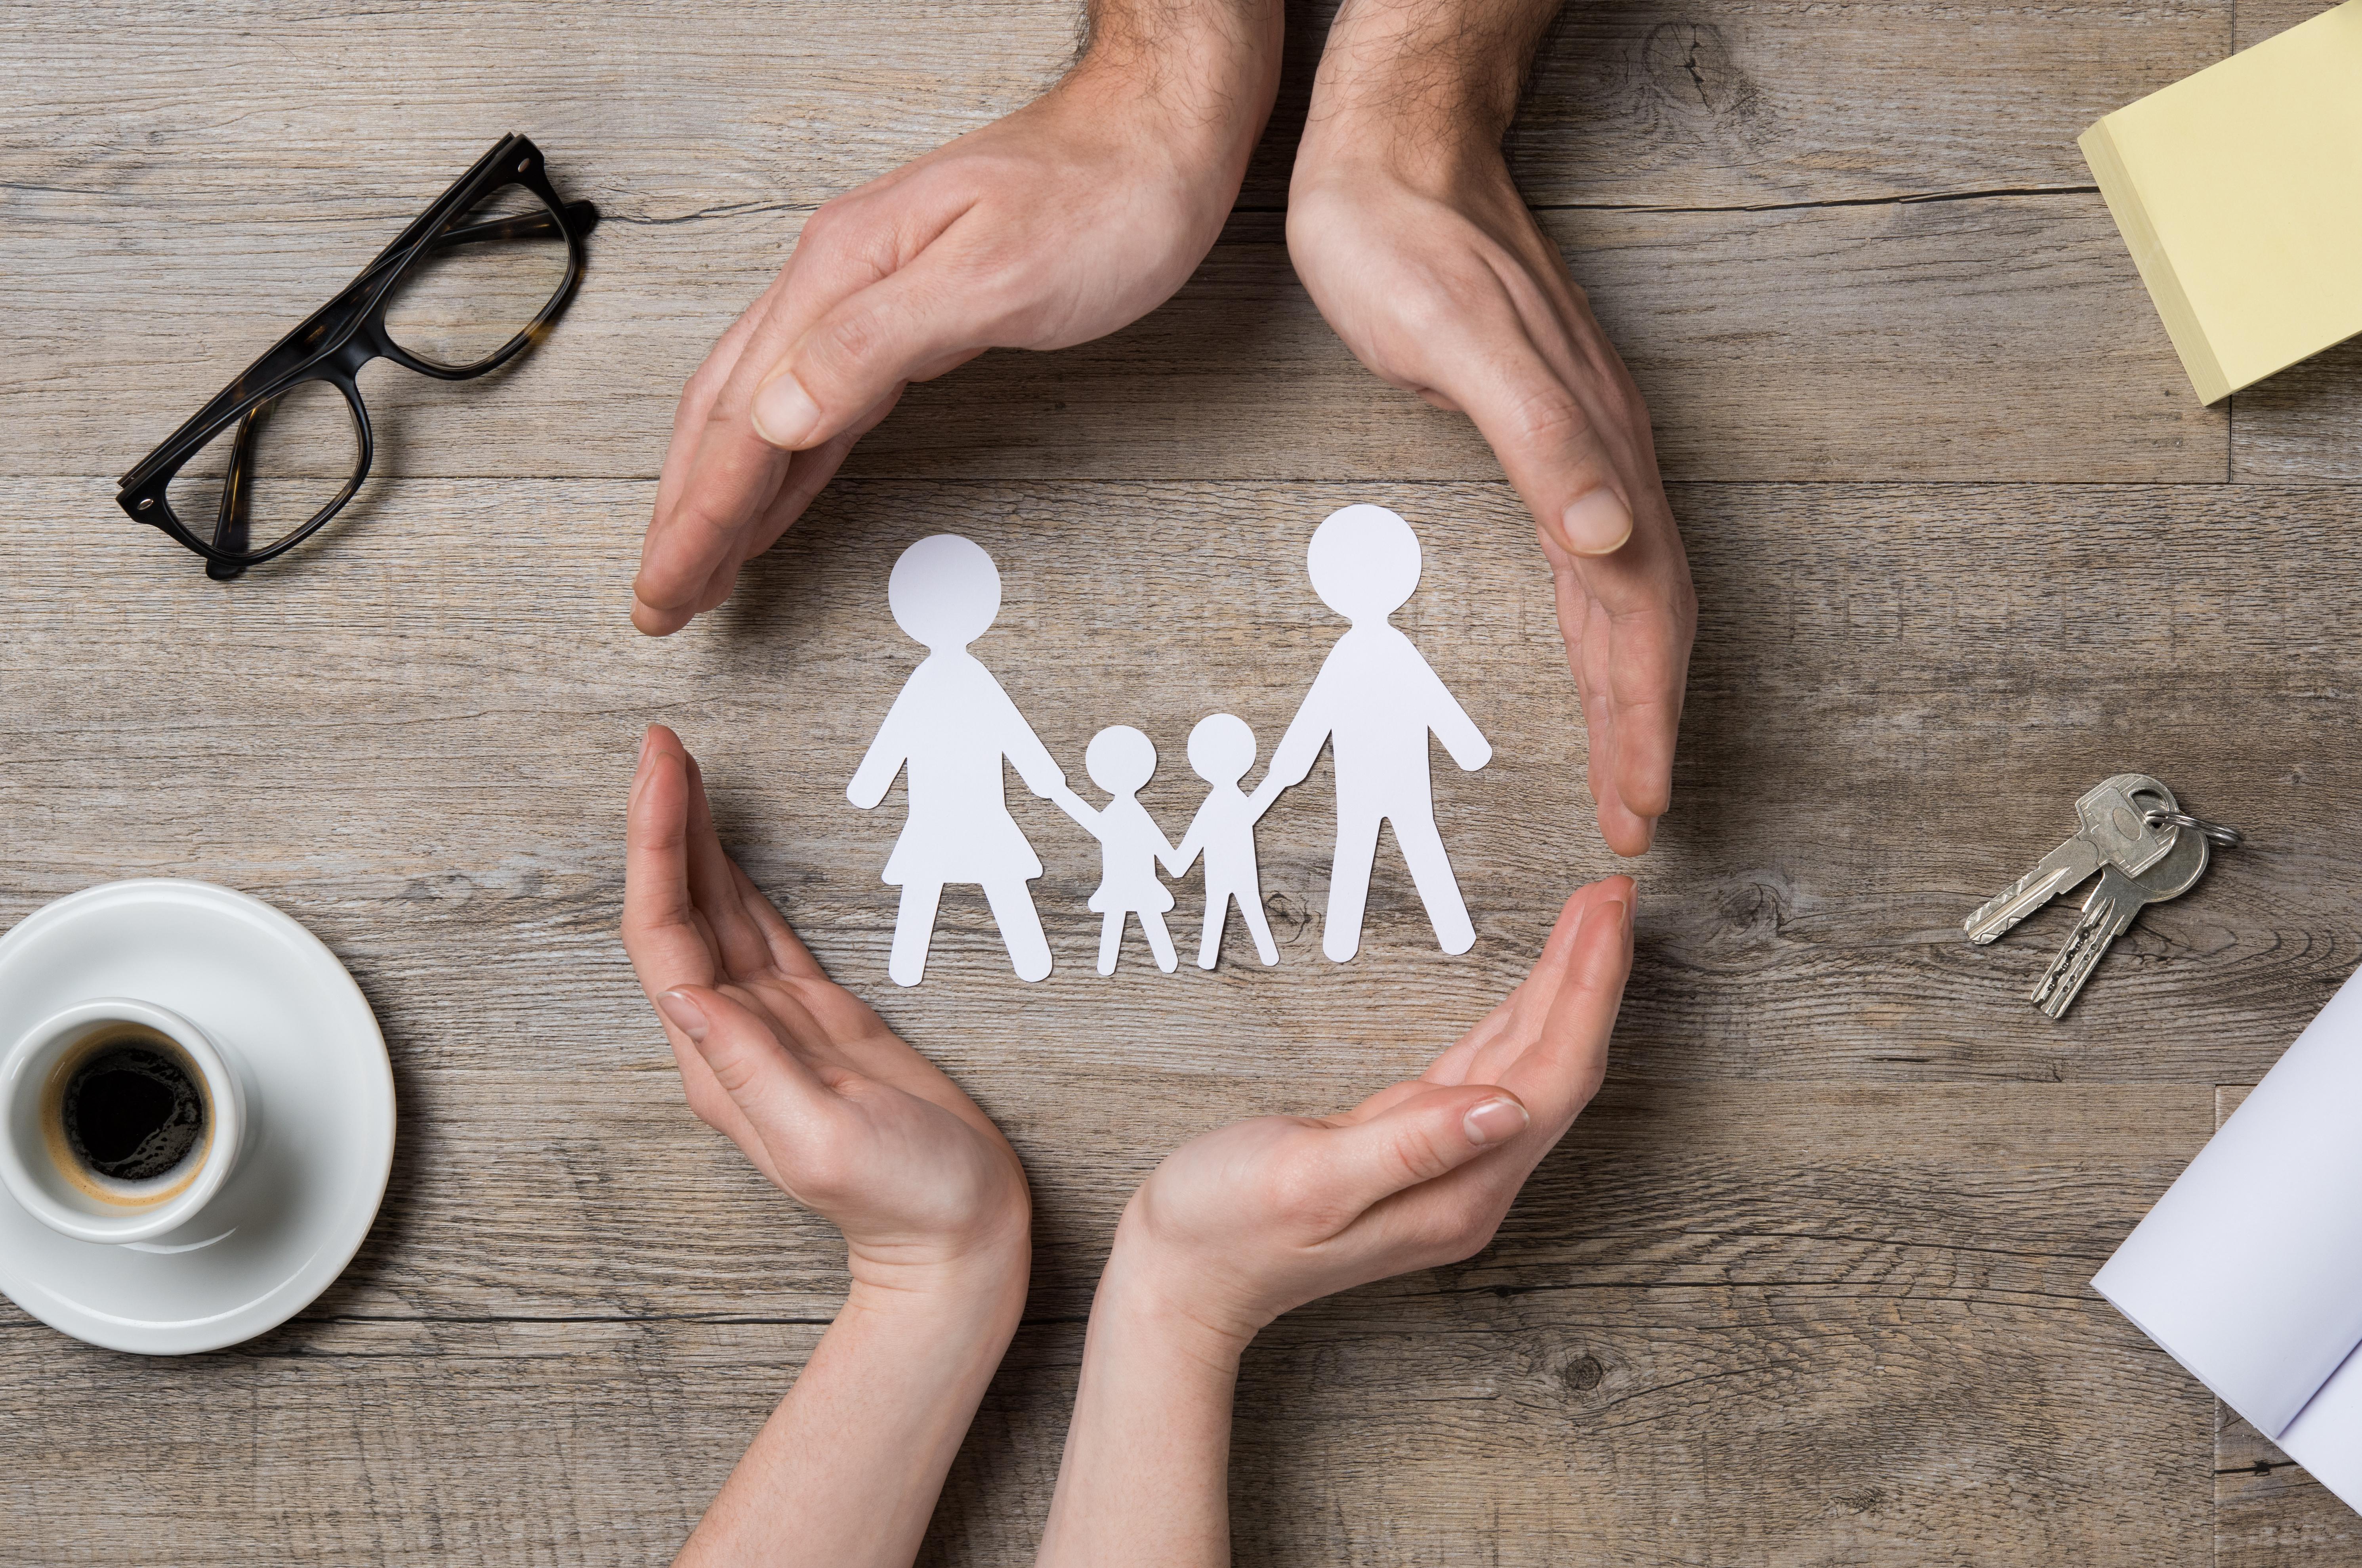 Nuovo Video Corso a cura dell'esperto Martino Conforti - Amministrazione di sostegno e servizi demografici